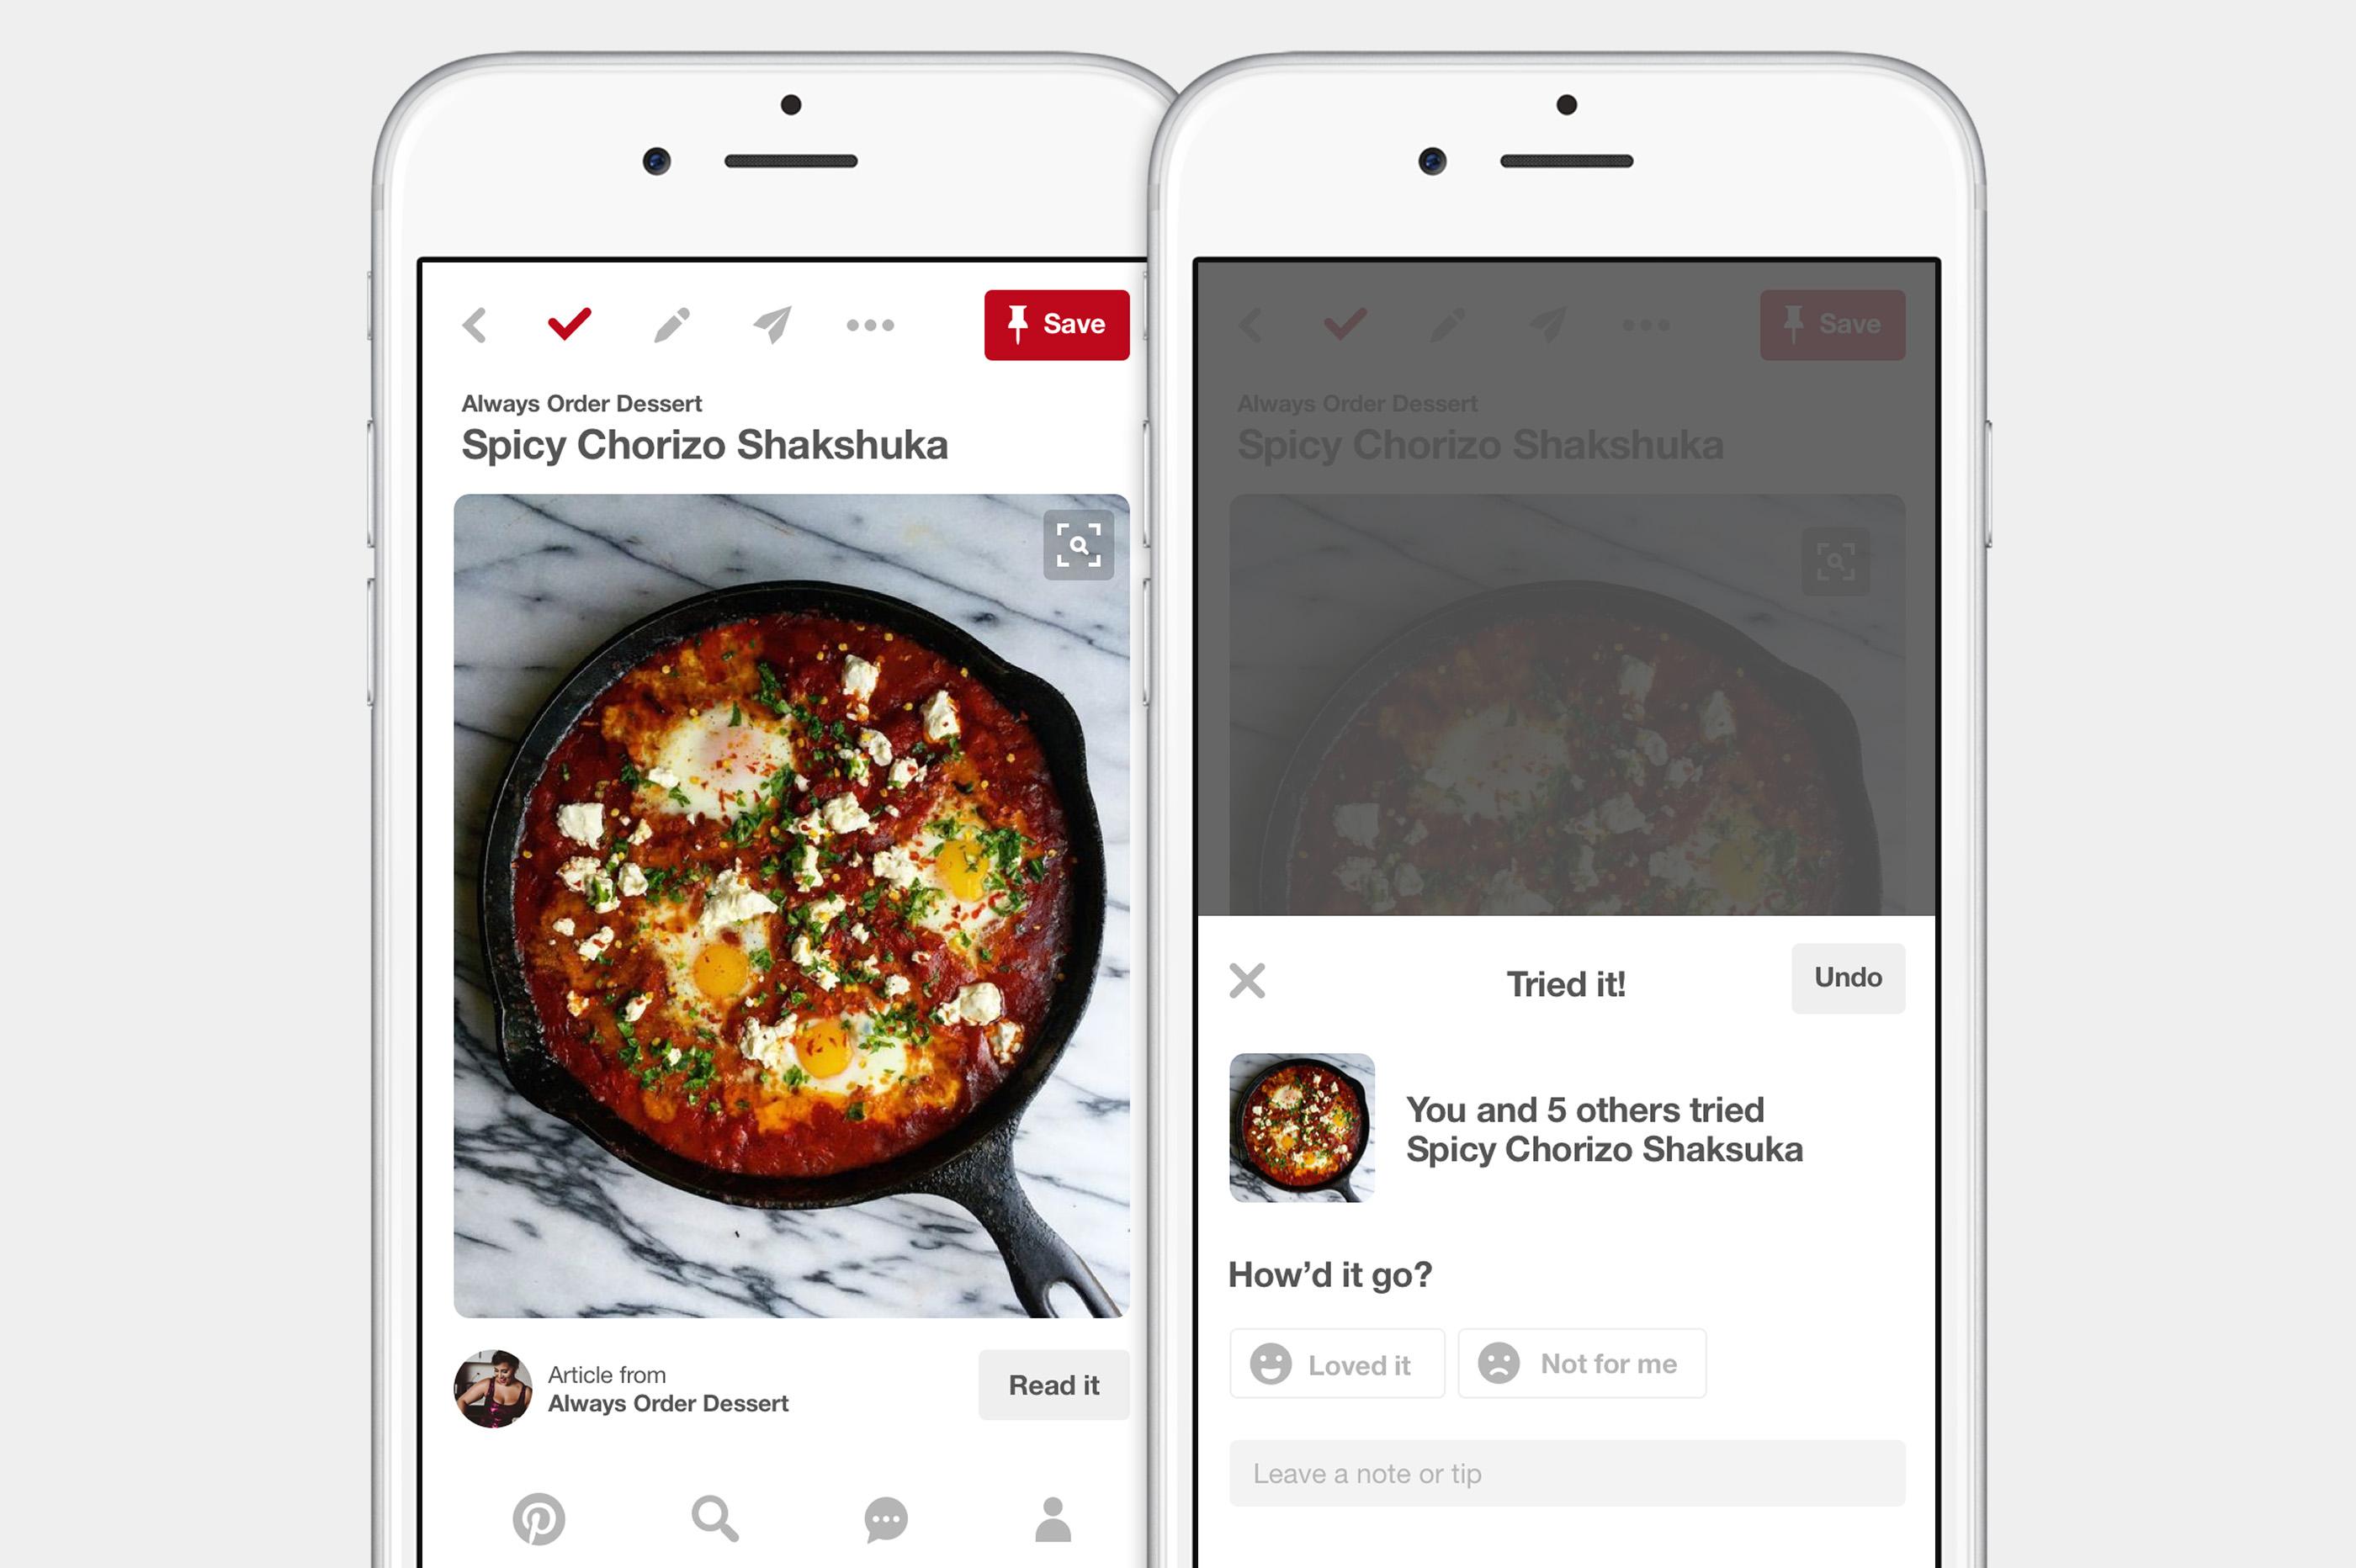 Aplicación Pinterest para comida. Estas son dos herramientas relacionadas  con el descubrimiento visual. Instant Ideas te permite encontrar ...